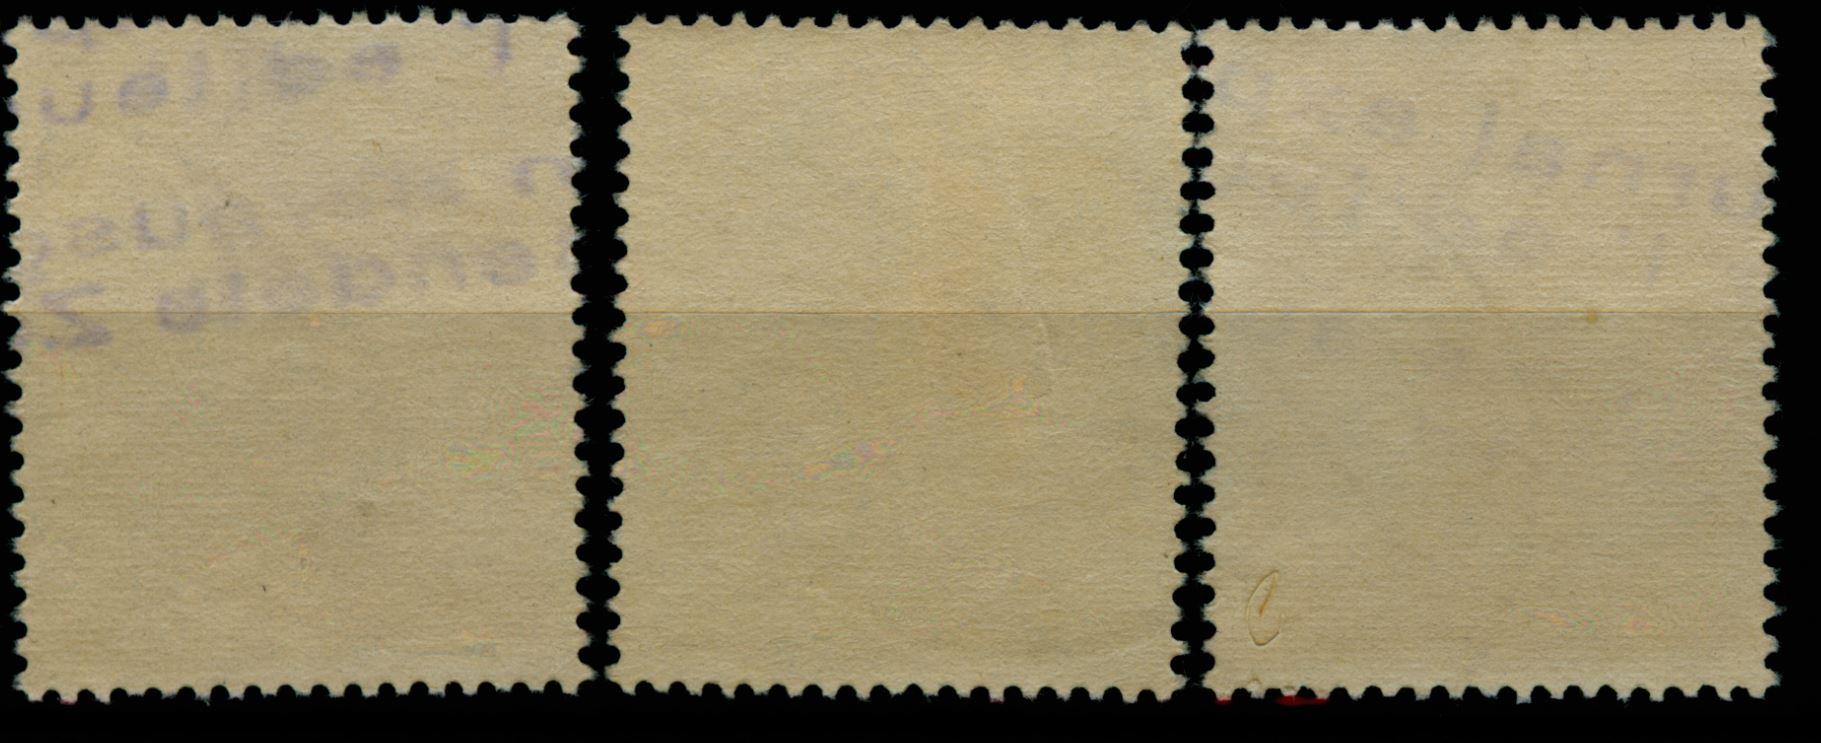 Trachtenserie - Seite 5 At_1948_trachten_25g_mi_para_102